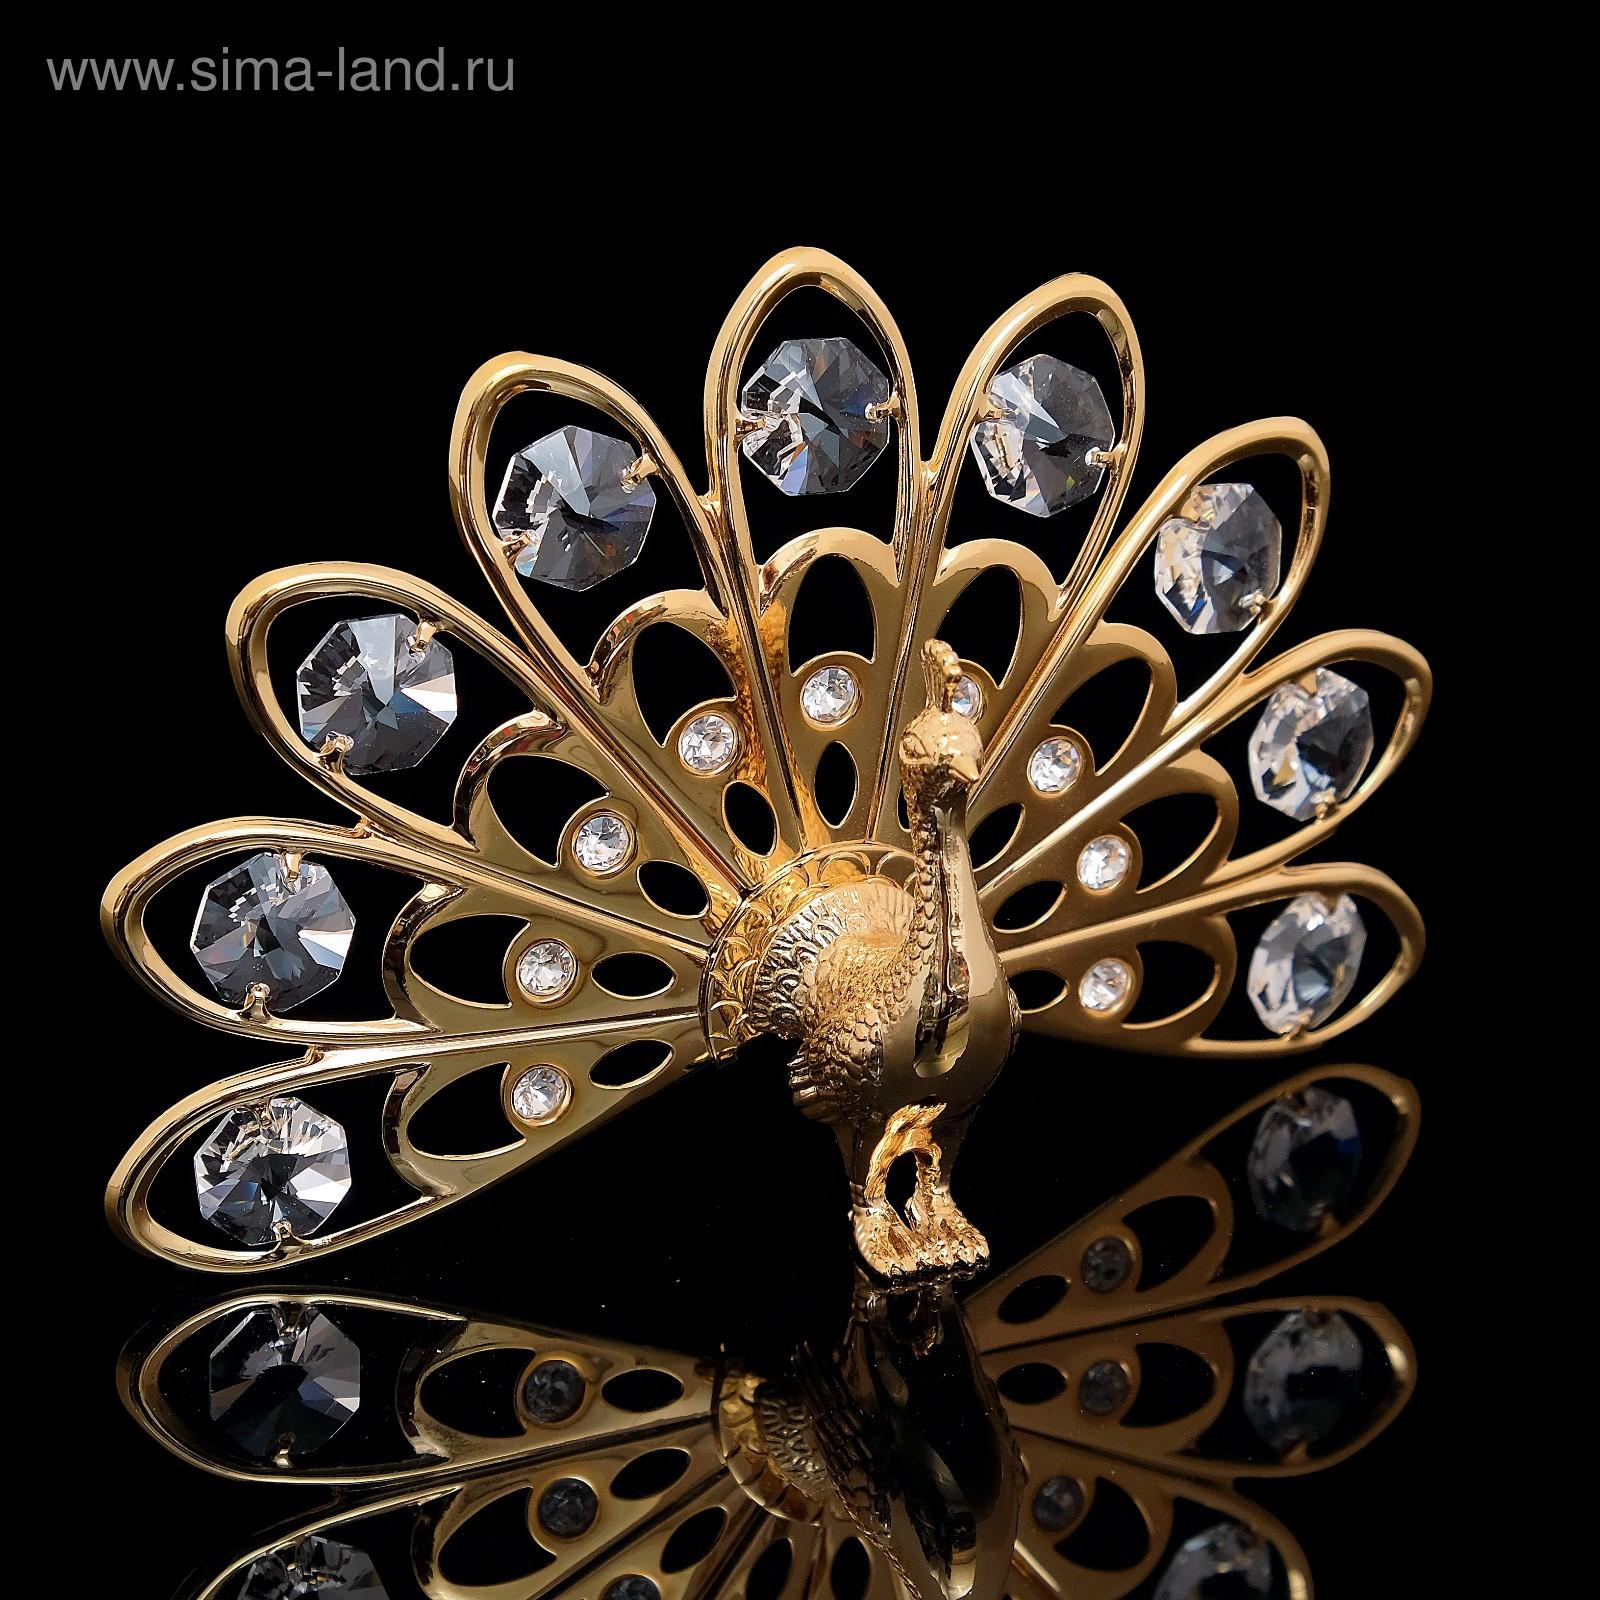 abda8fd52c54 Сувенир «Жар-птица», 13,5×3×9 см, с кристаллами Сваровски (692671 ...